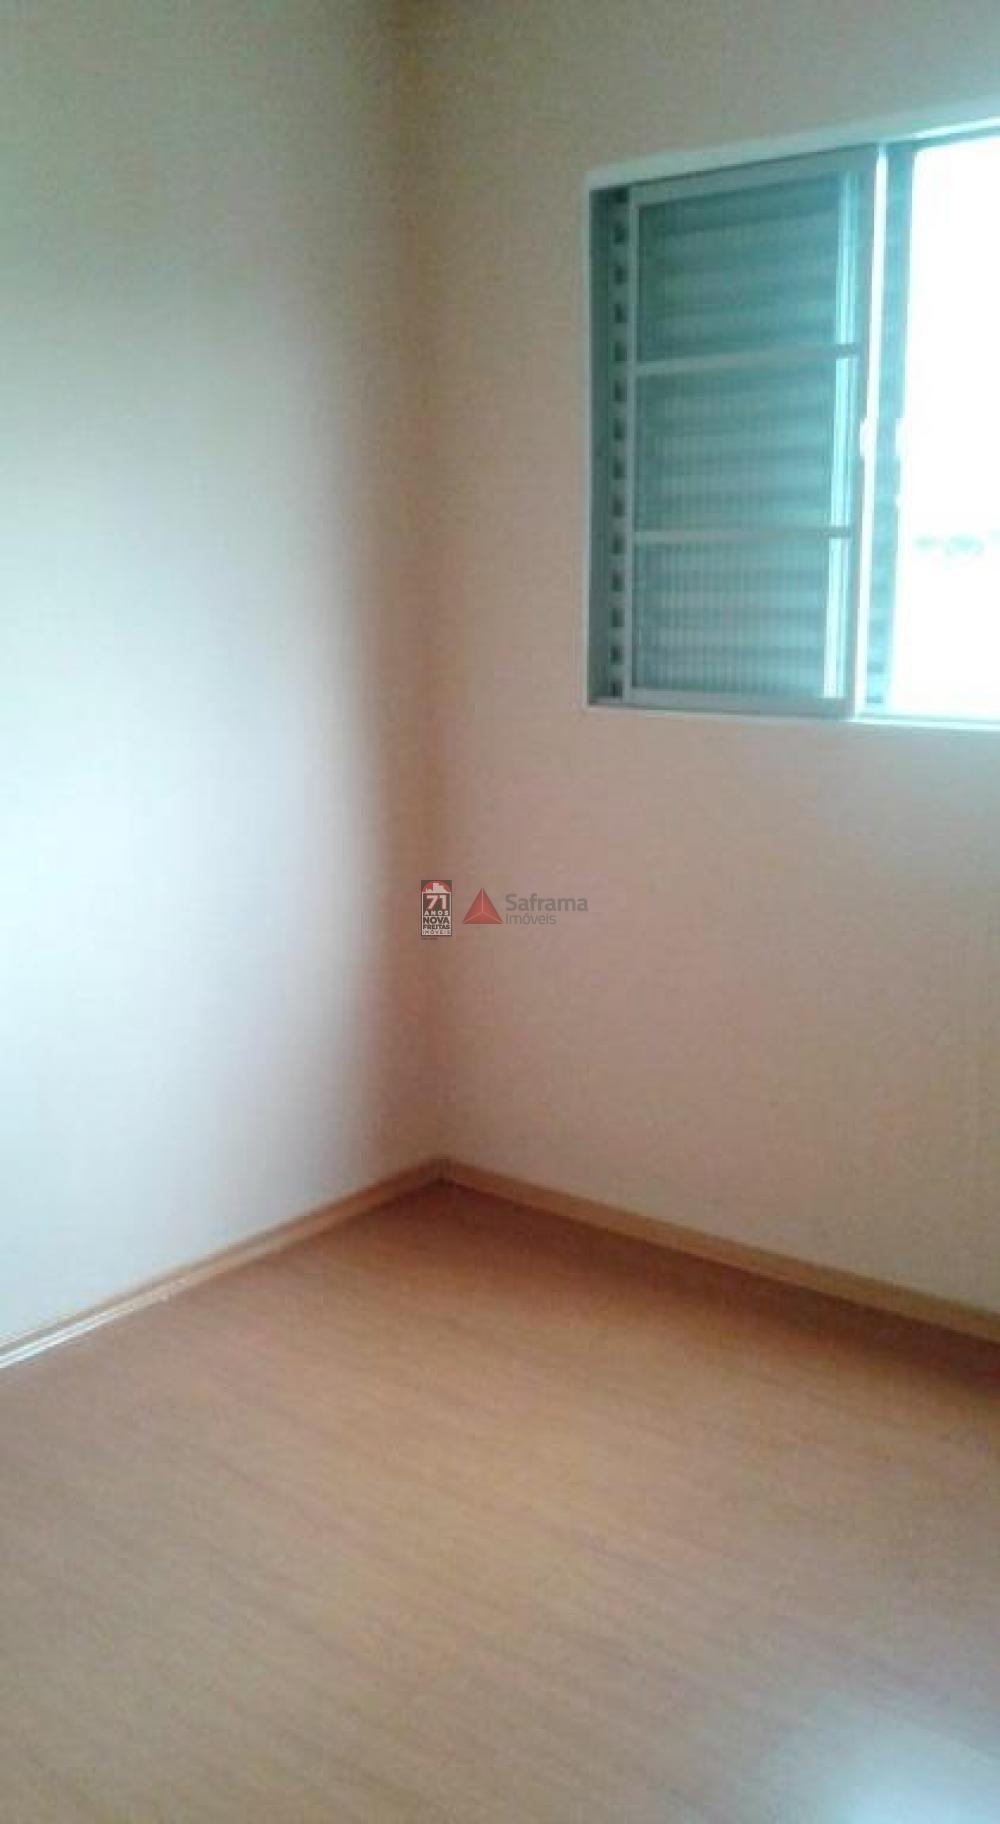 Comprar Apartamento / Padrão em São José dos Campos apenas R$ 290.000,00 - Foto 6